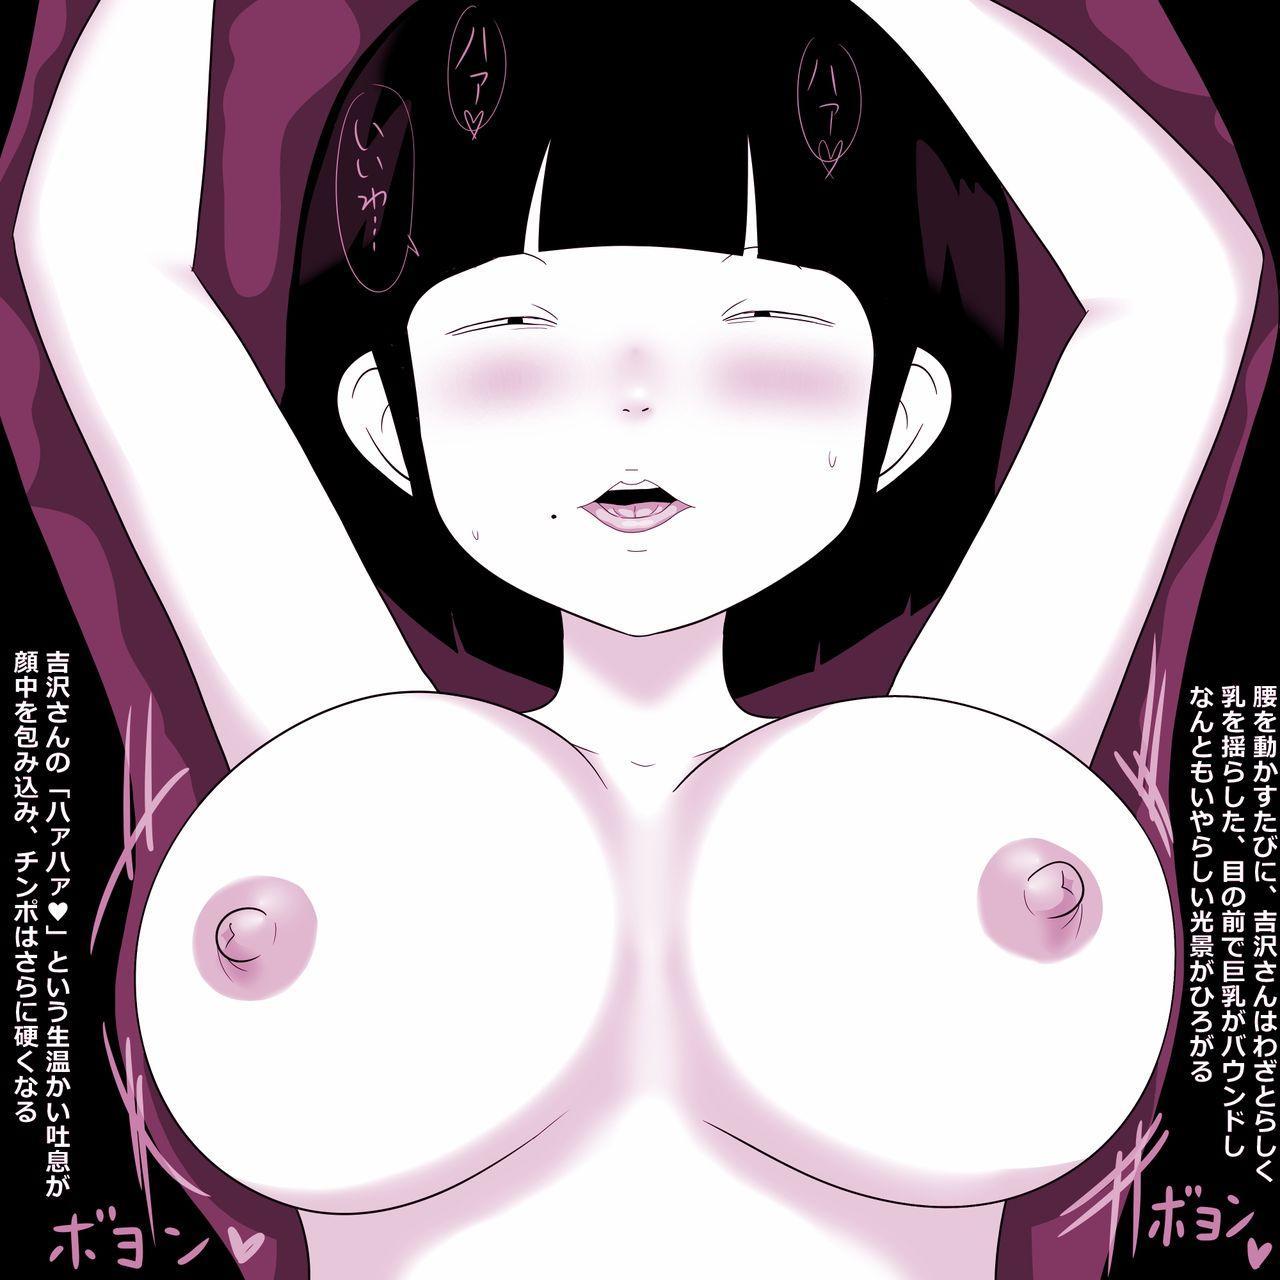 Gakkou no InChara Joshi 5 35